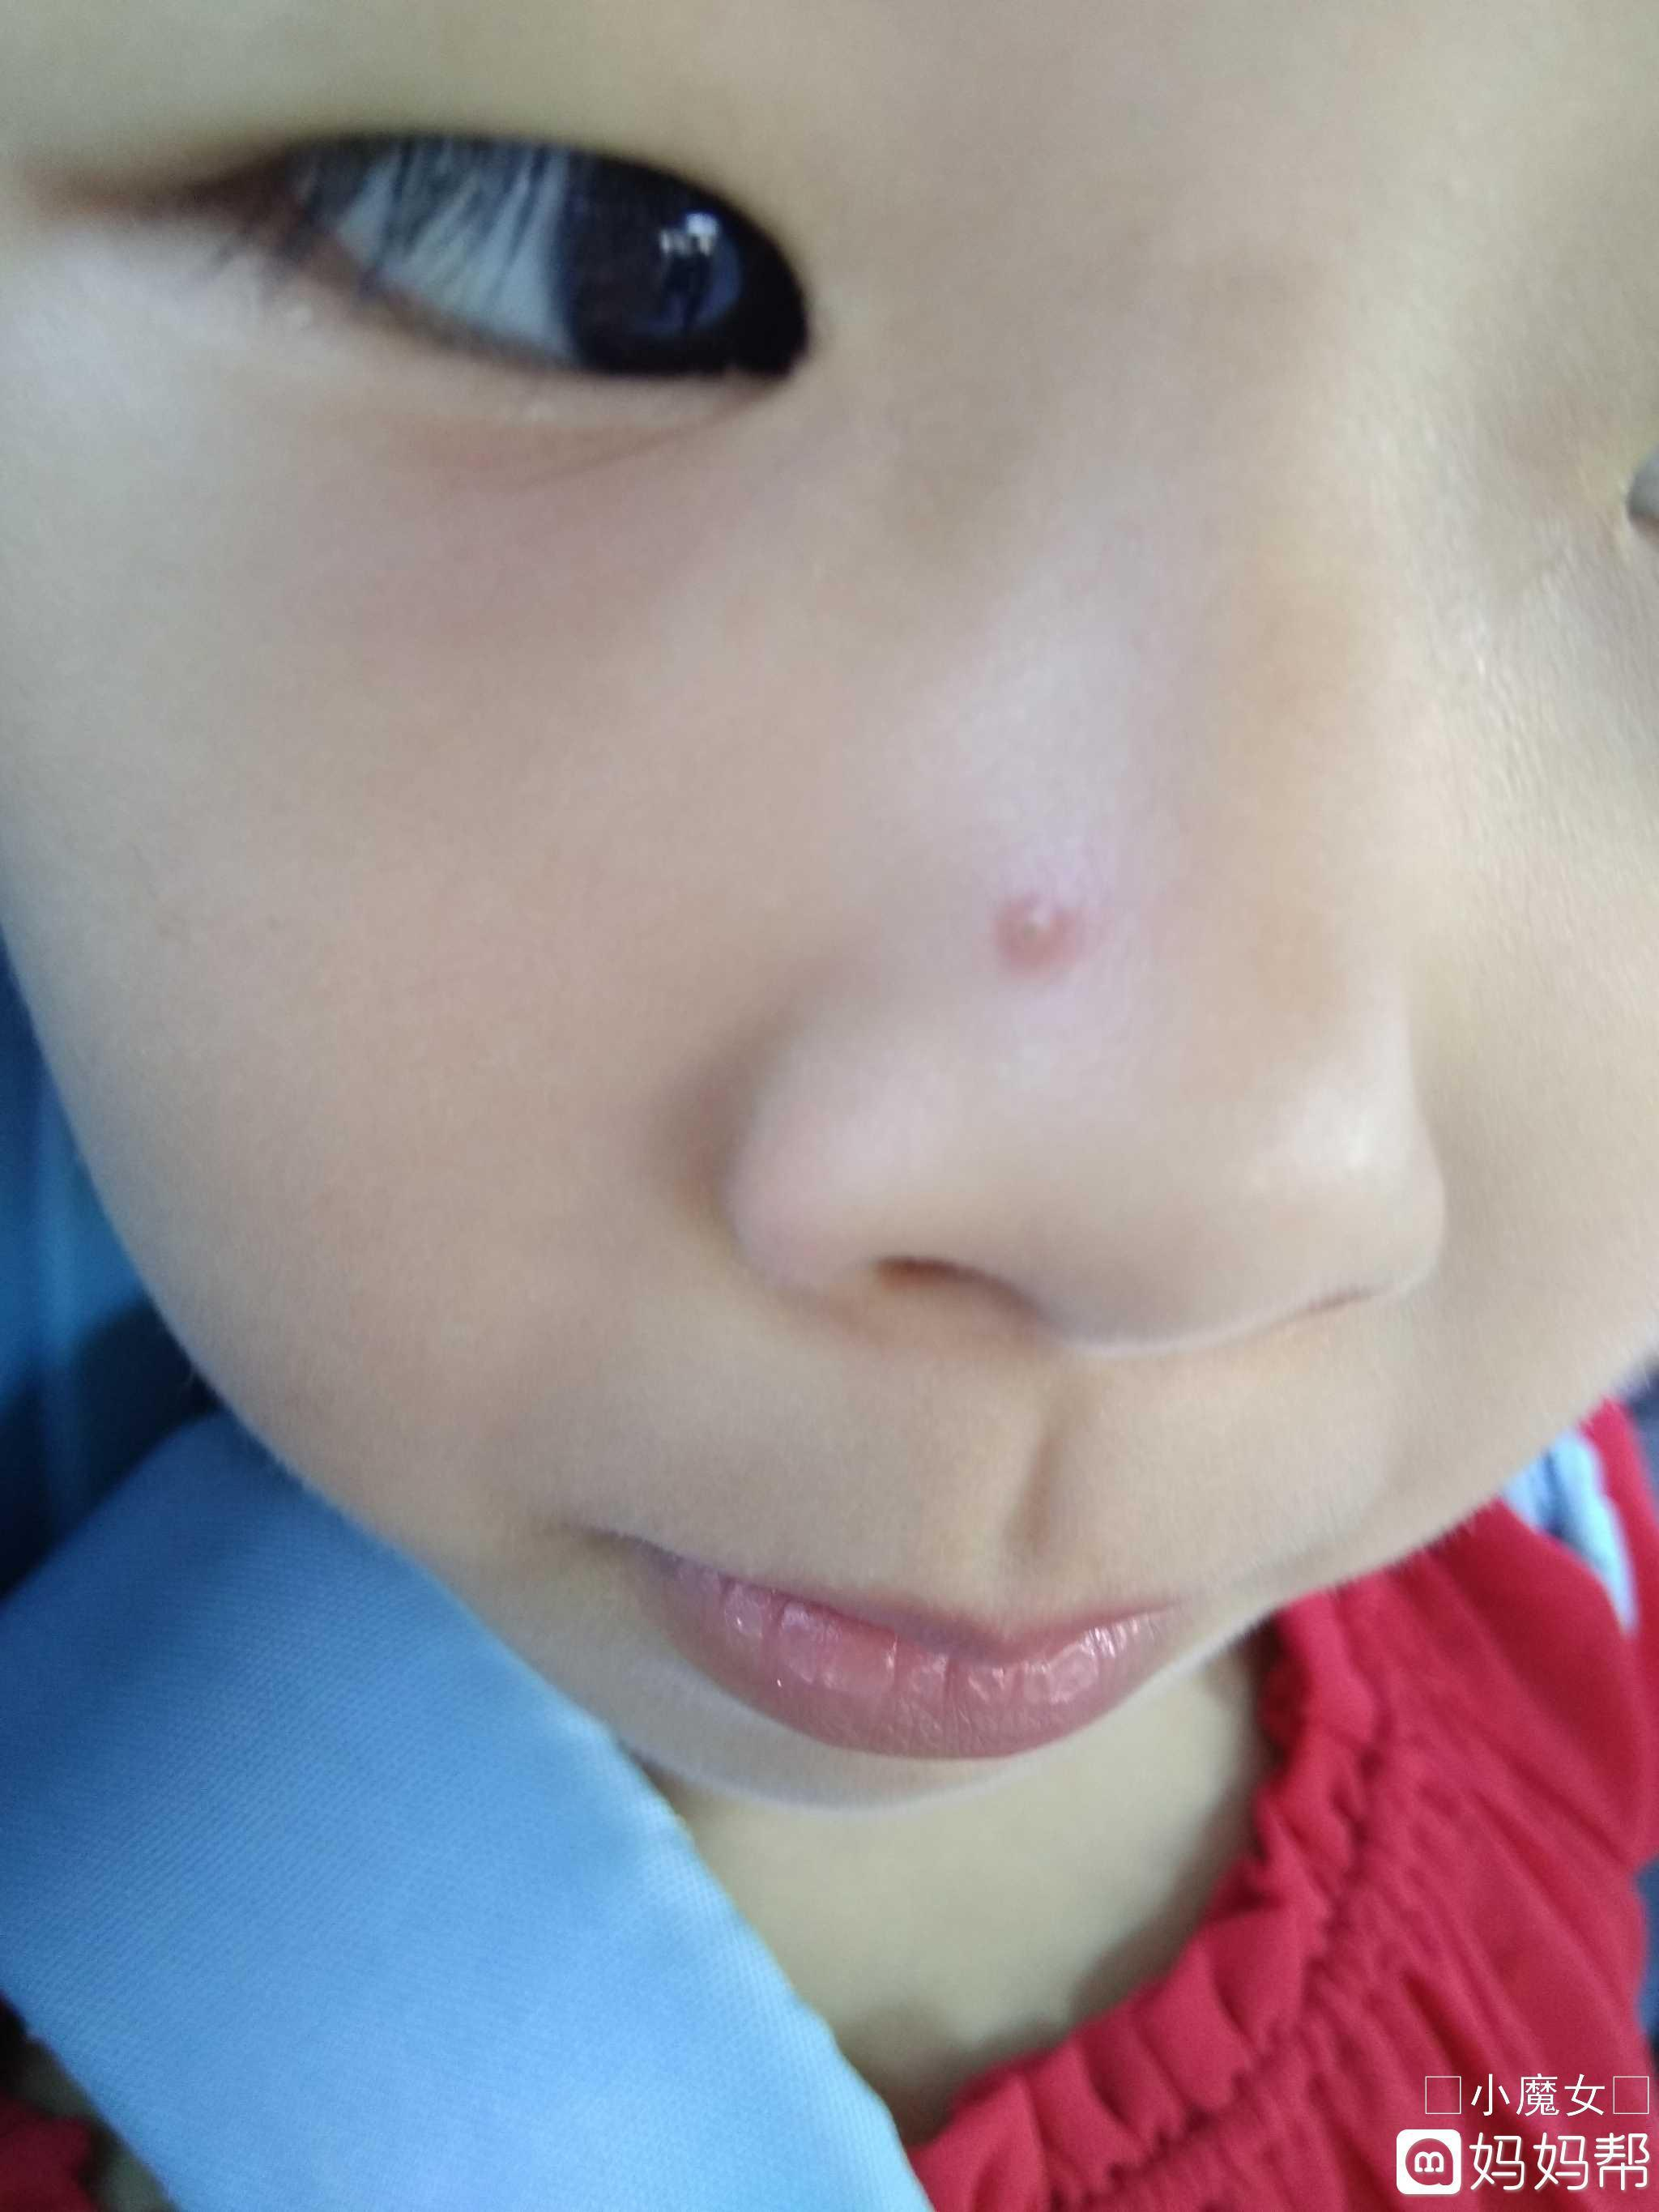 小孩鼻子上苍蝇图片